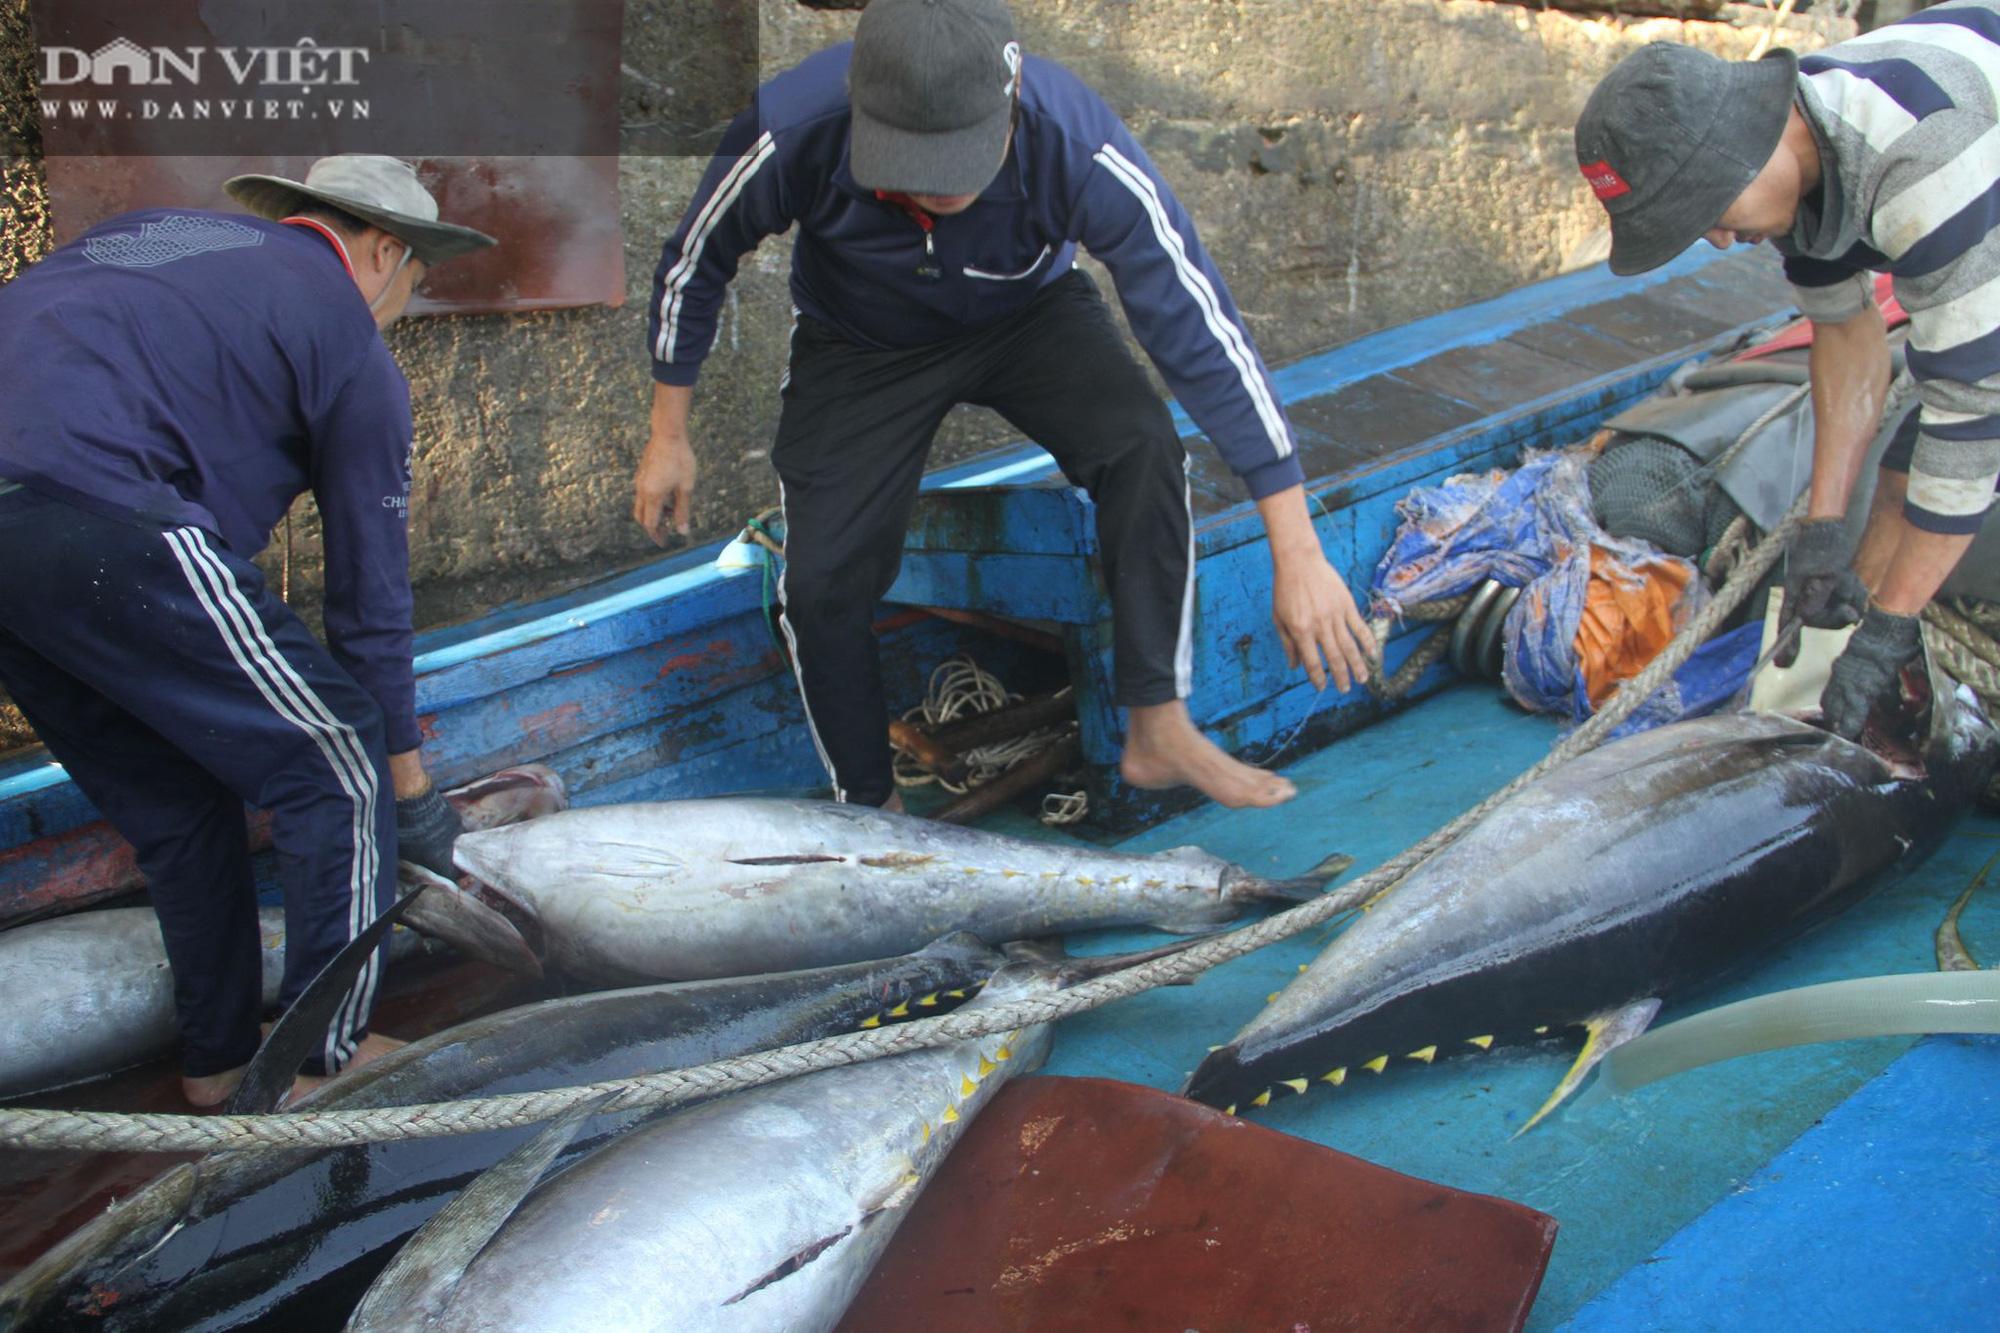 Cận cảnh đưa cá ngừ đại dương về bờ sau chuyến biển xuyên Tết - Ảnh 10.